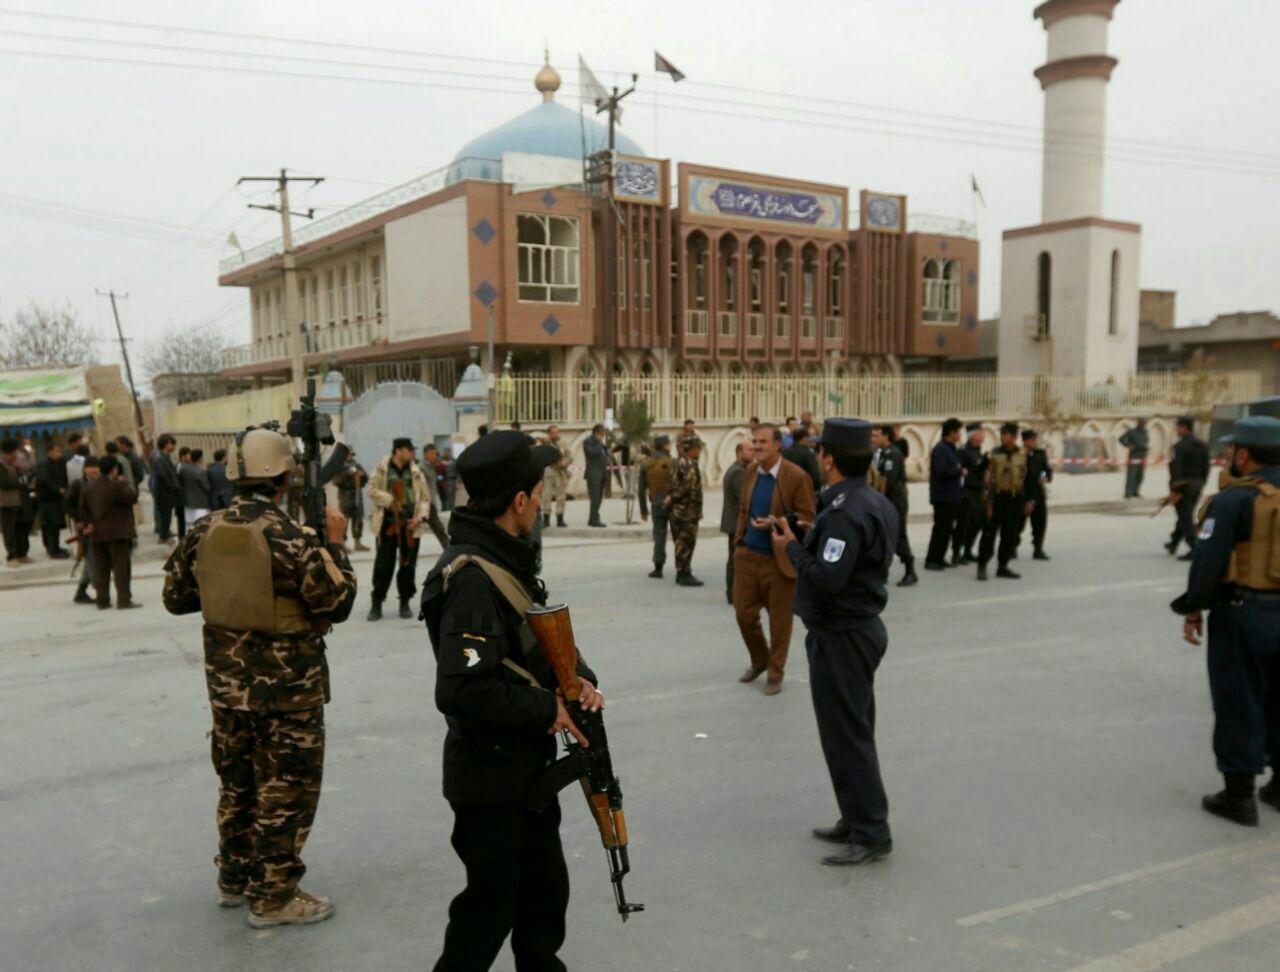 تصویر دستگیری طراح حملات تروریستی در پایتخت افغانستان